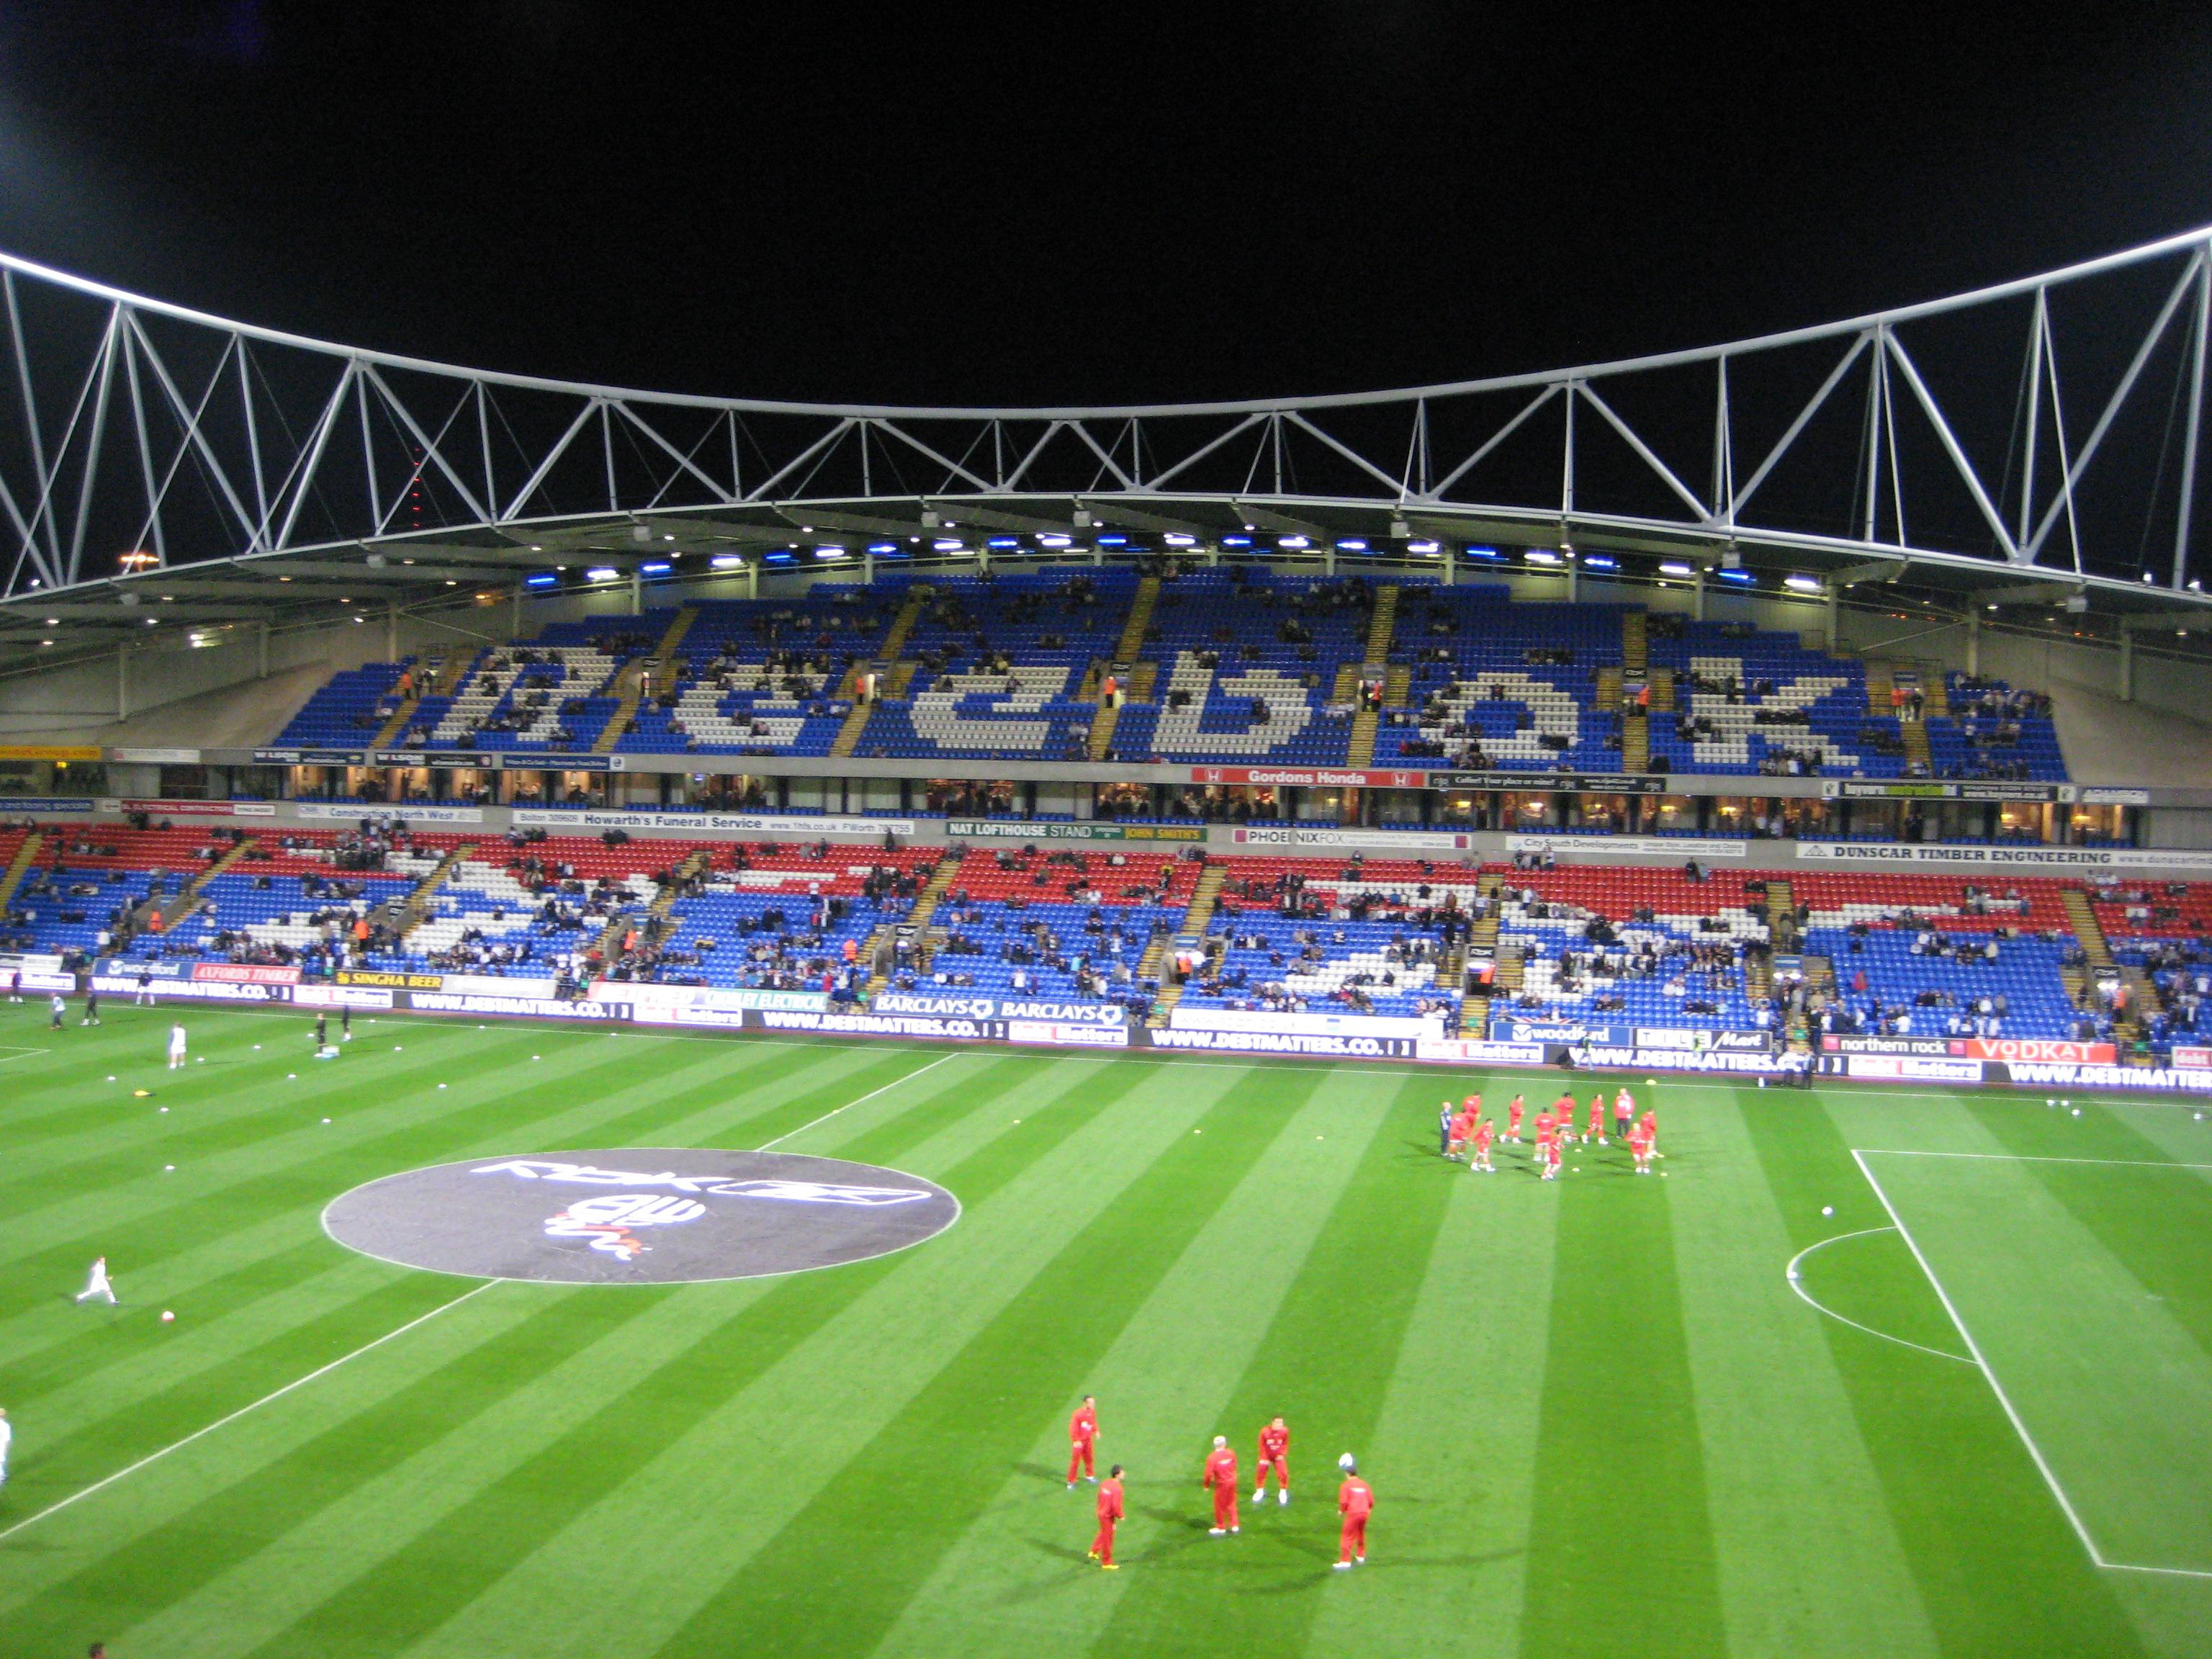 Arène/Stade Reebok Stadium . ManchesterLiverpool.fr